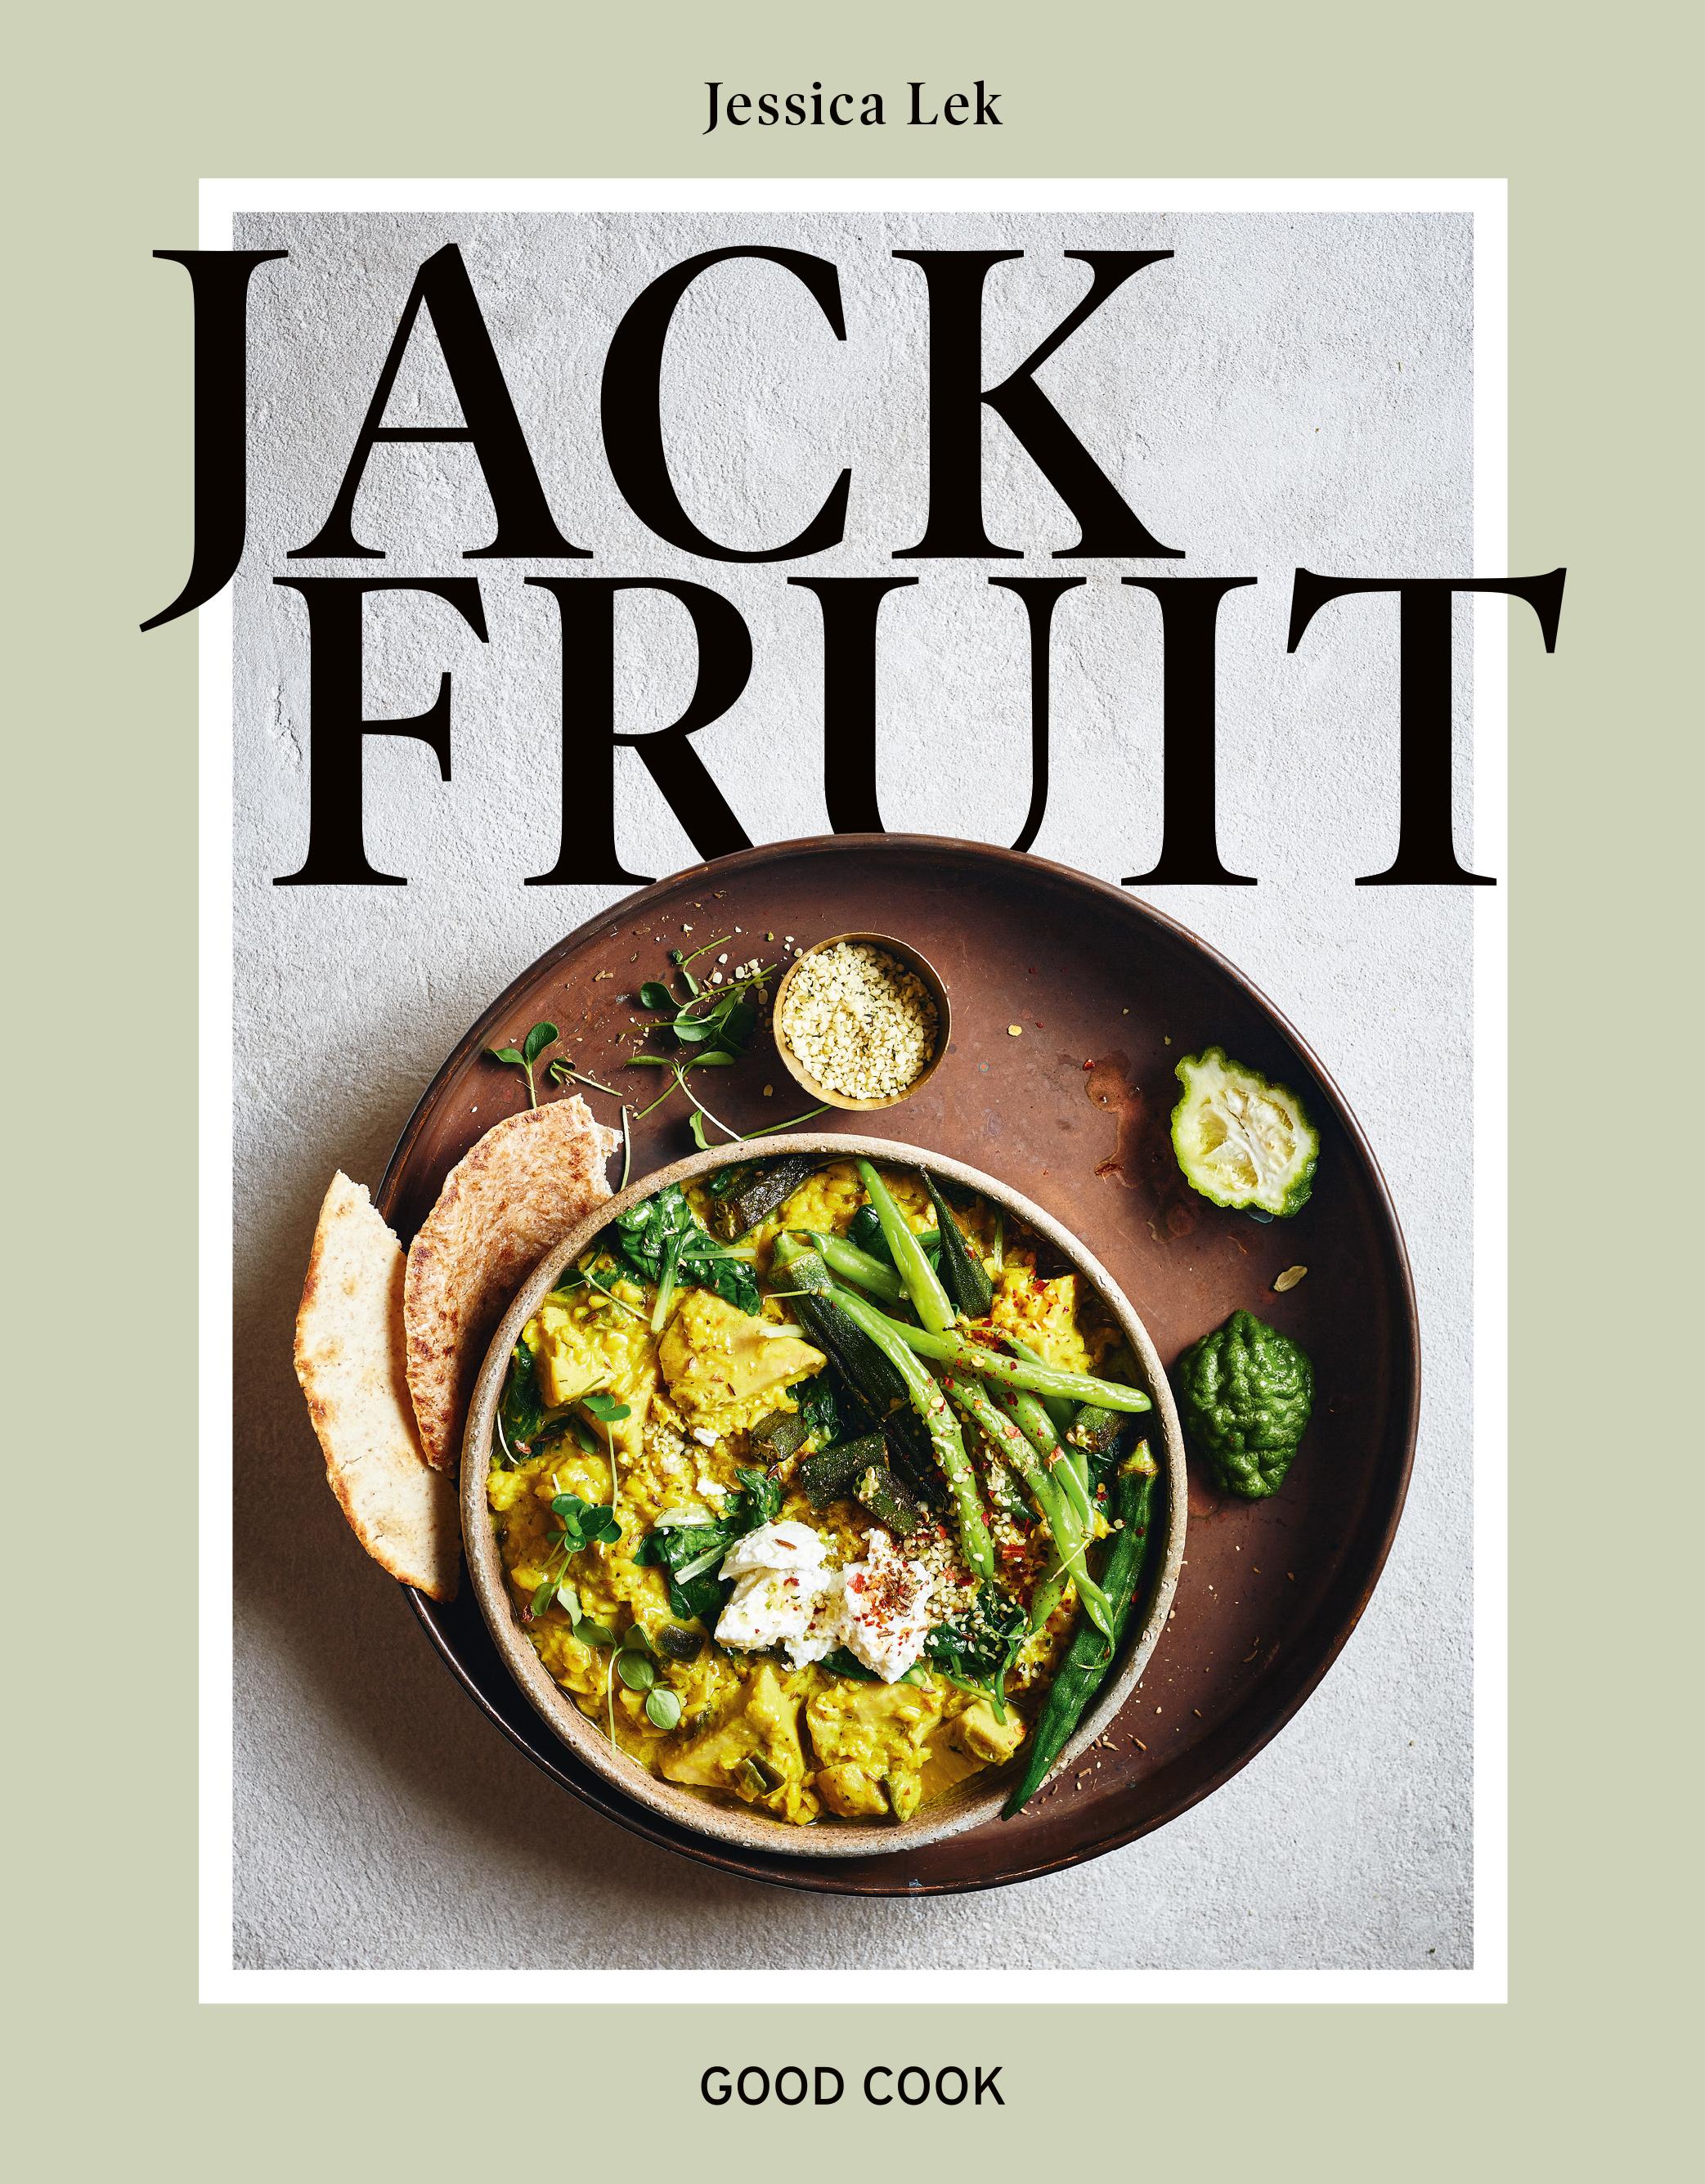 Jackfruit recensie + heerlijk Smokey jackfruitgyros recept!